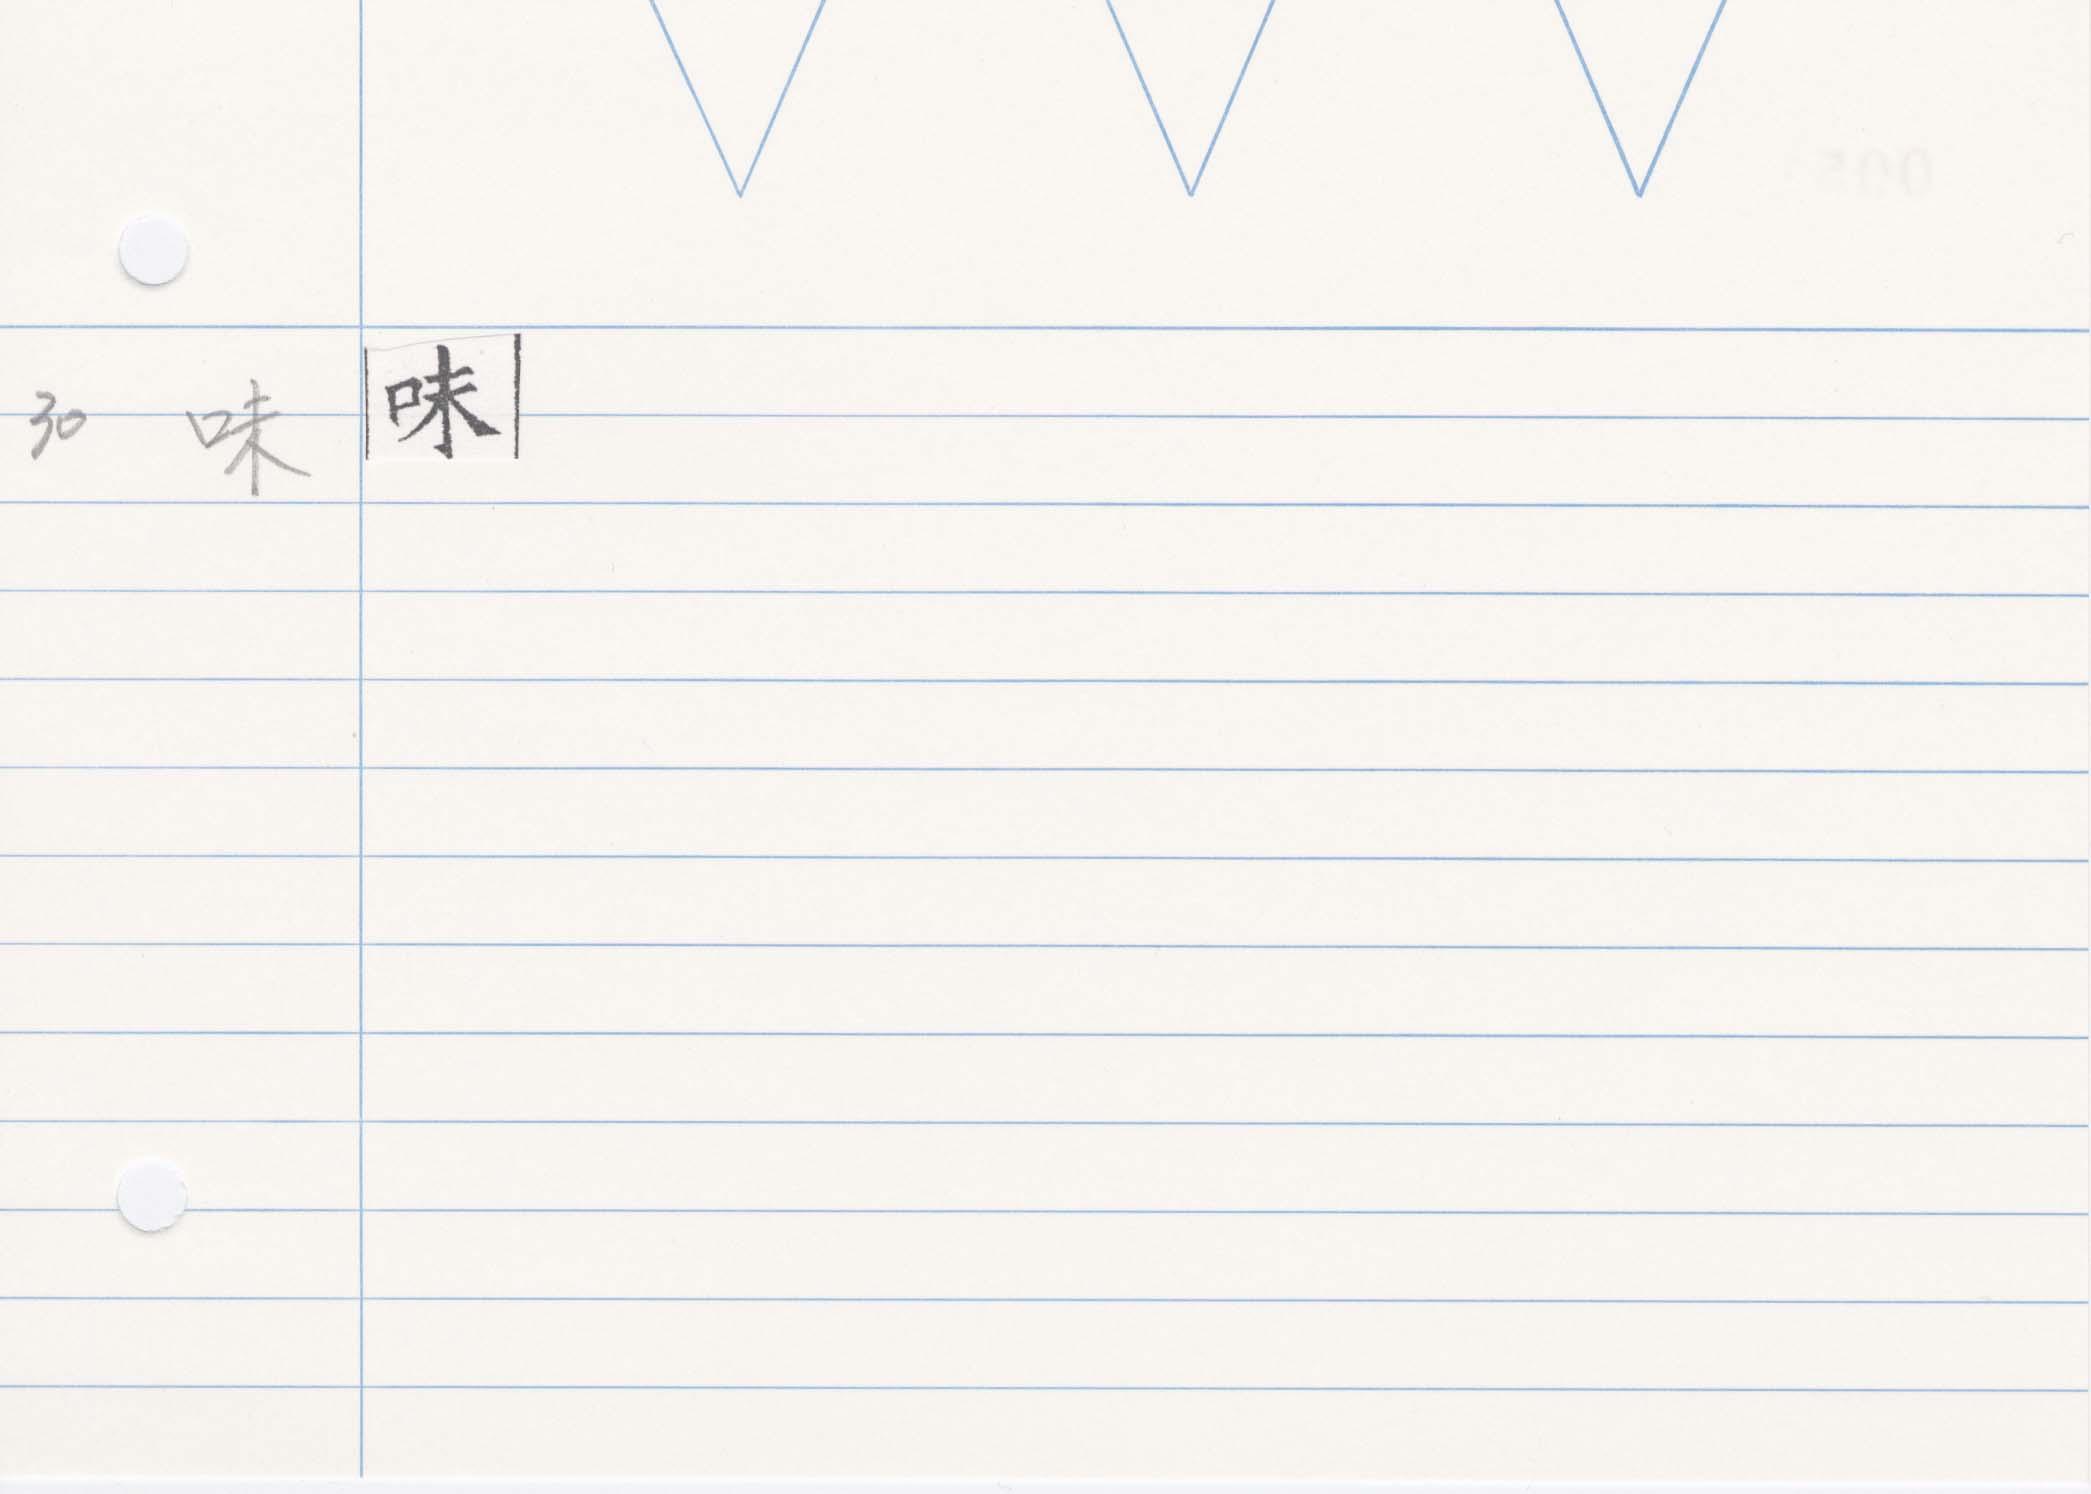 26_齊民要術卷五(高山寺本)/cards/0051.jpg